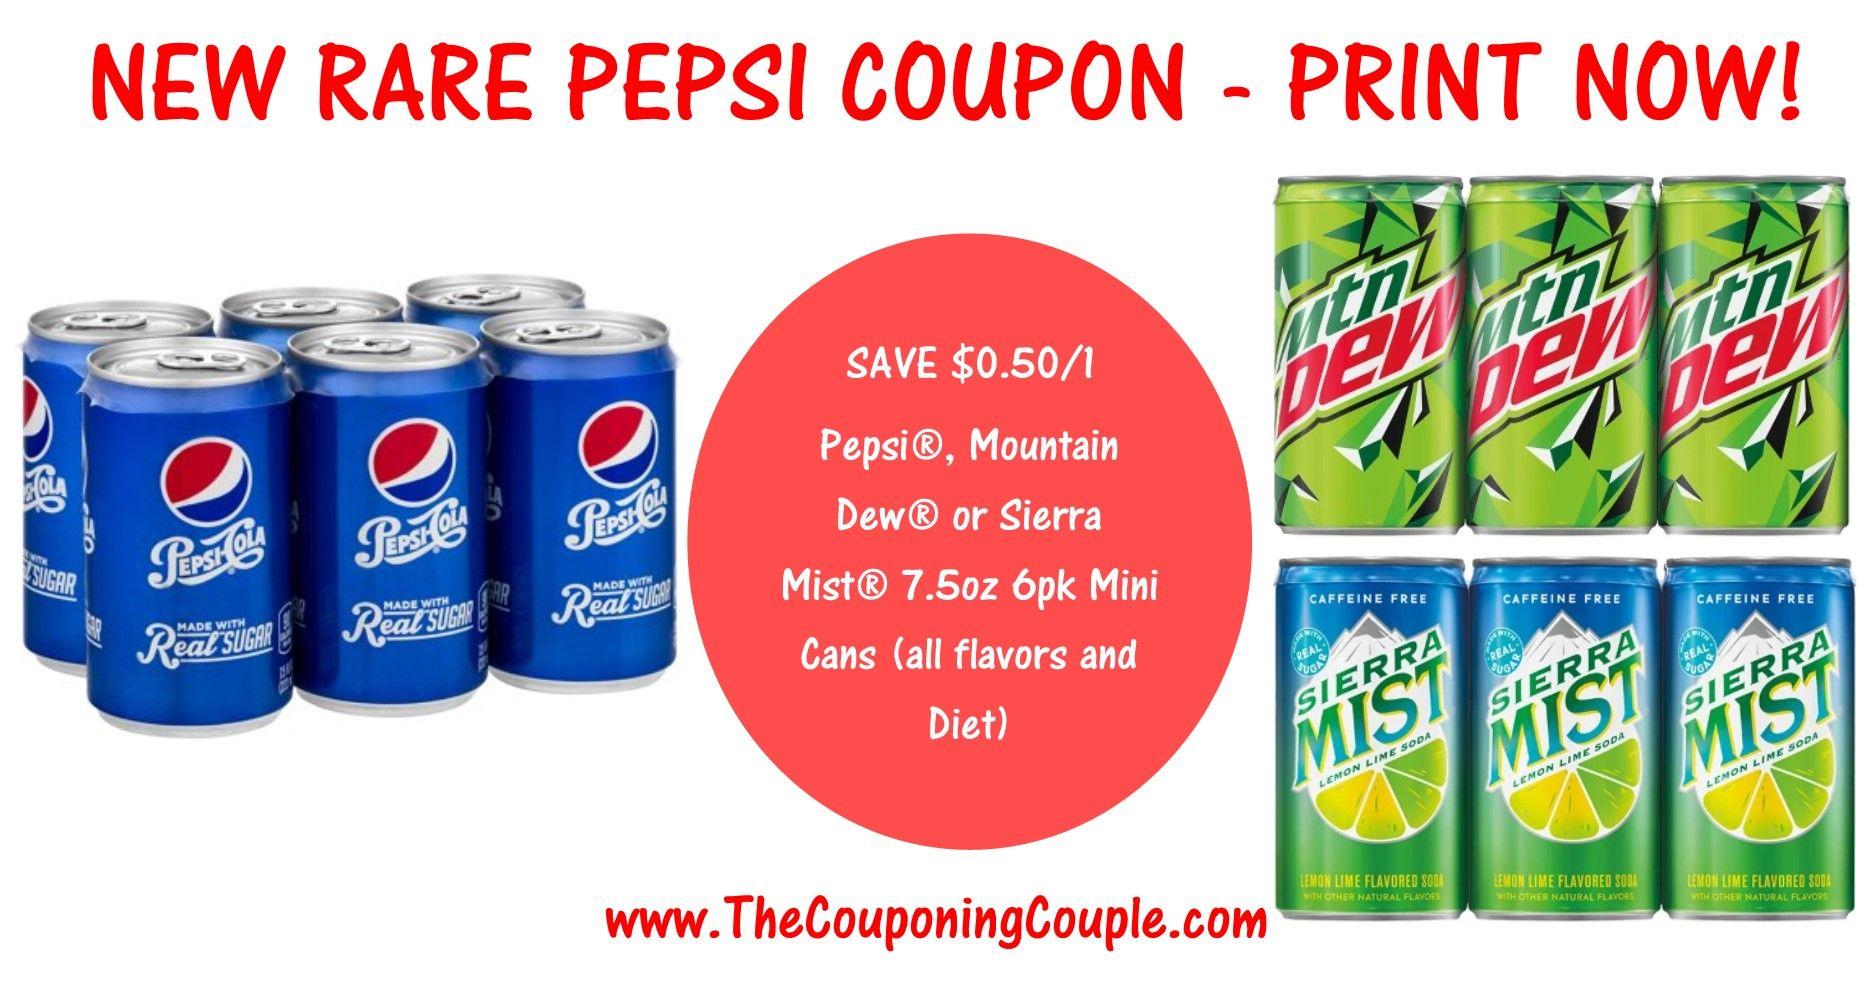 New Rare Pepsi Printable Coupon Print Now Print Coupons Printable Coupons Product Rule